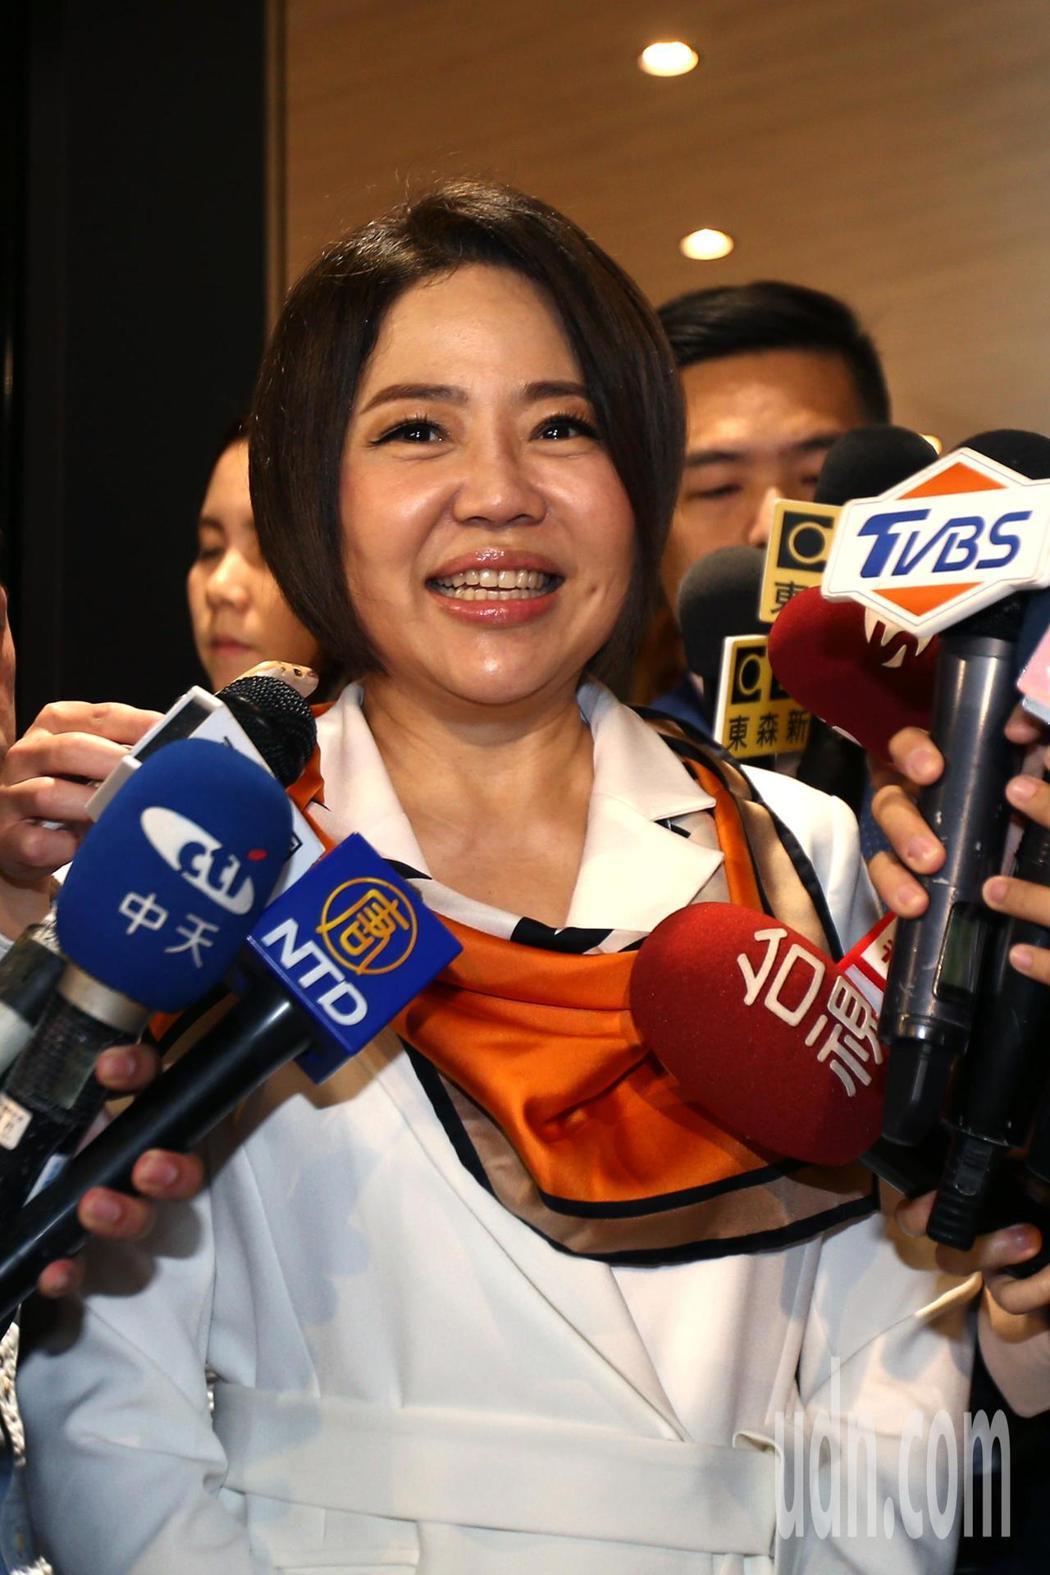 親民黨競選總部發言人于美人今天是擔任發言人的最後一天,呼籲台灣要珍惜民主自由投票...